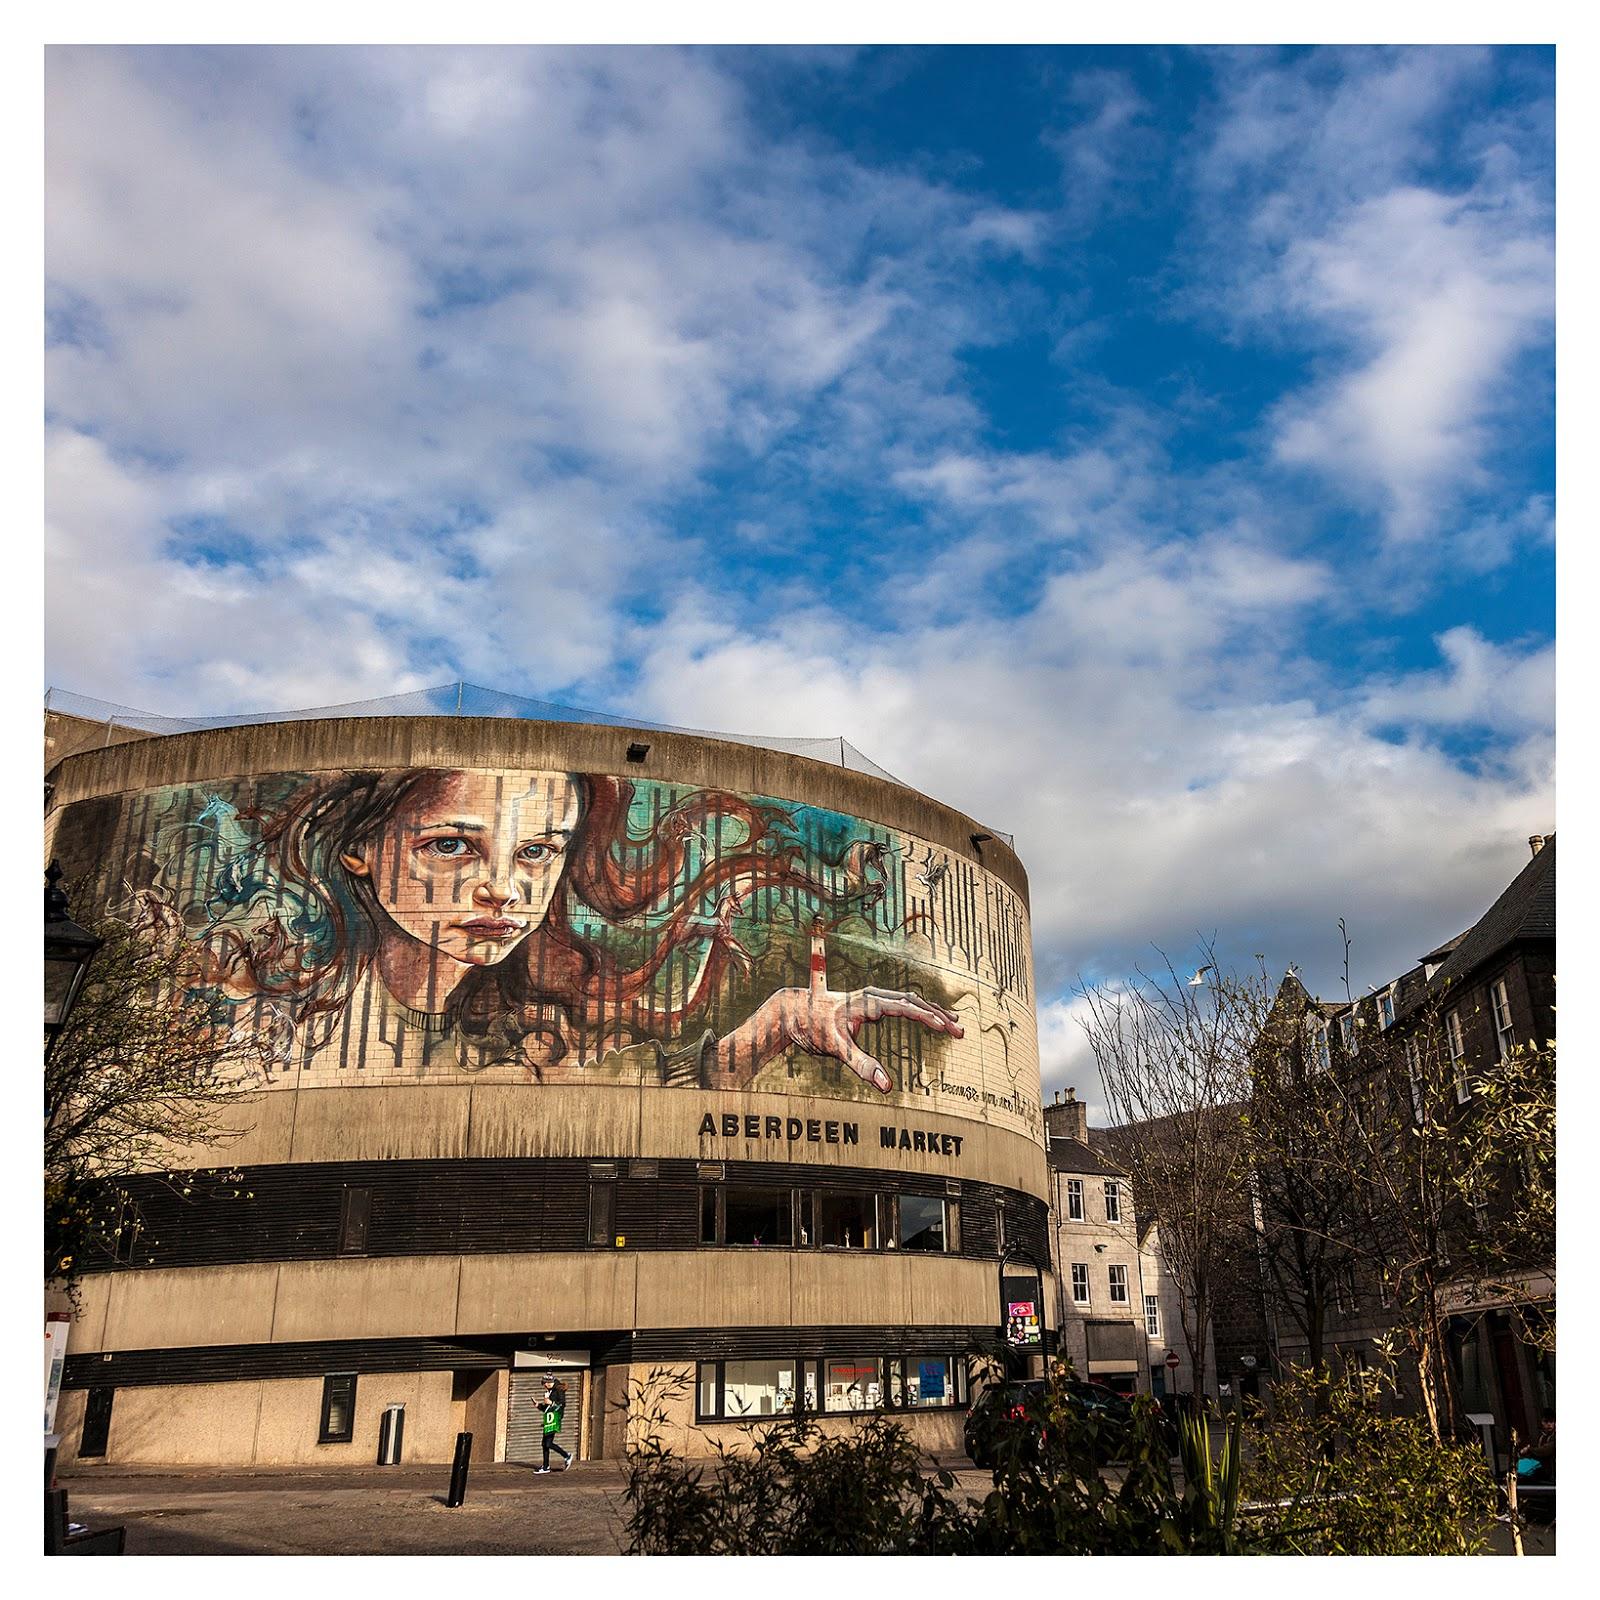 Herakut - Aberdeen Street Art Mural